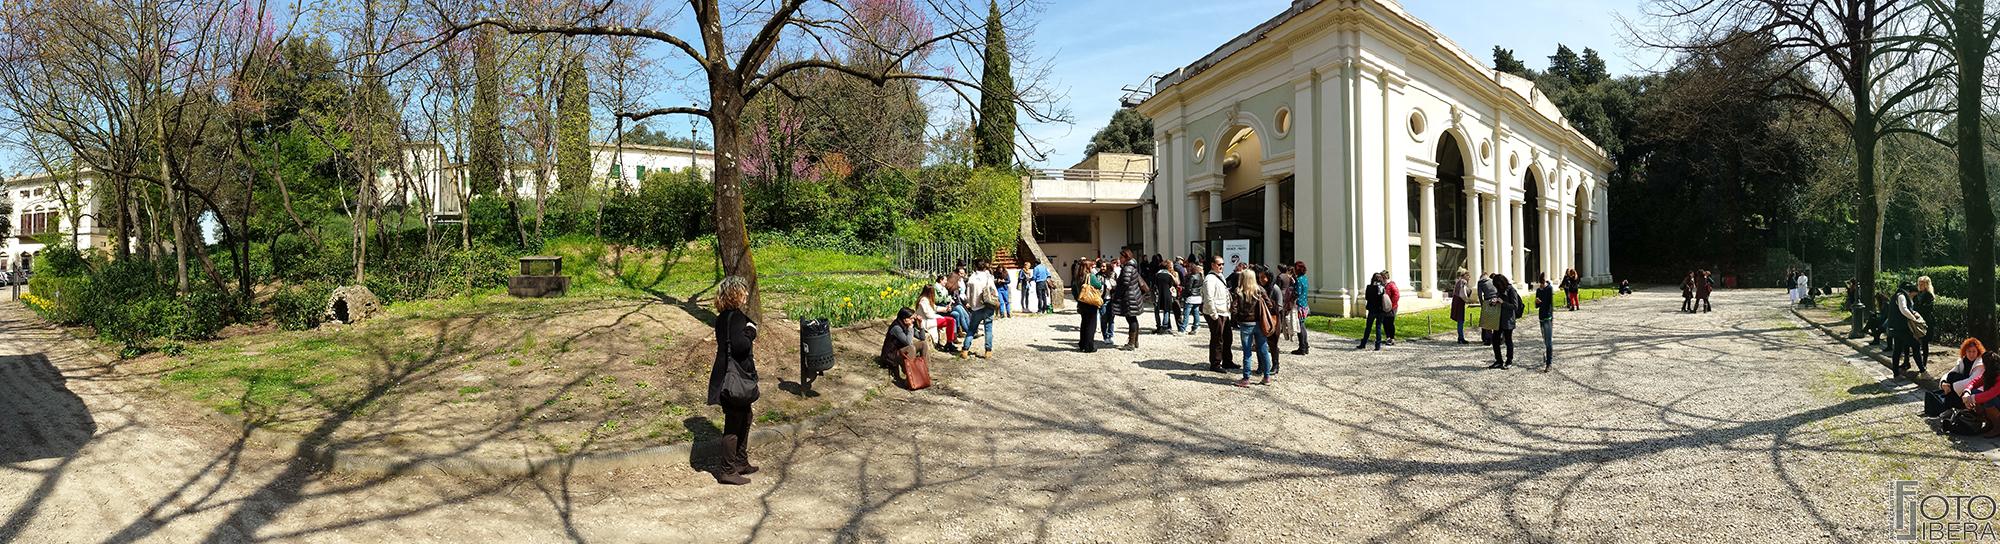 FotoLibera-Convegno-Pet-Therapy-e-Linee-Guida-per-gli-IAA-a-Firenze-24.jpg